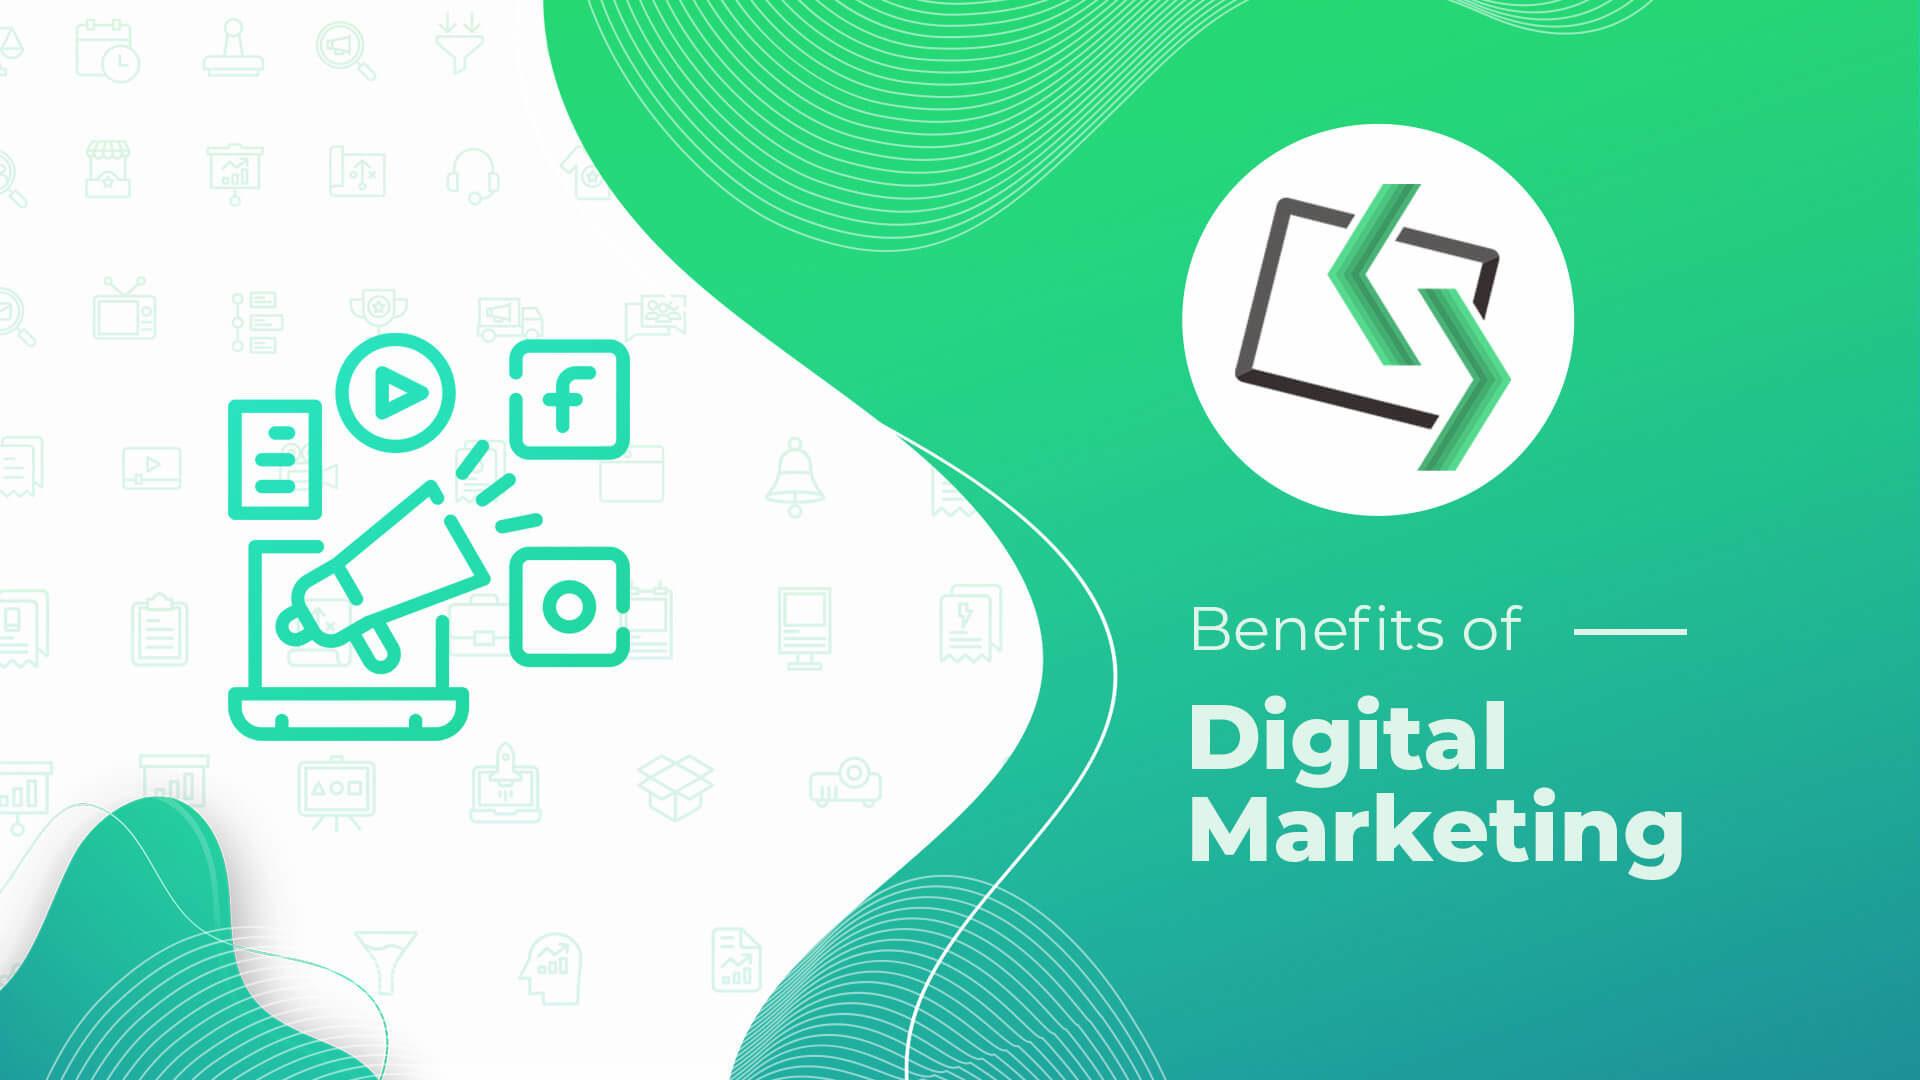 Top Benefits of Digital Marketing in 2020